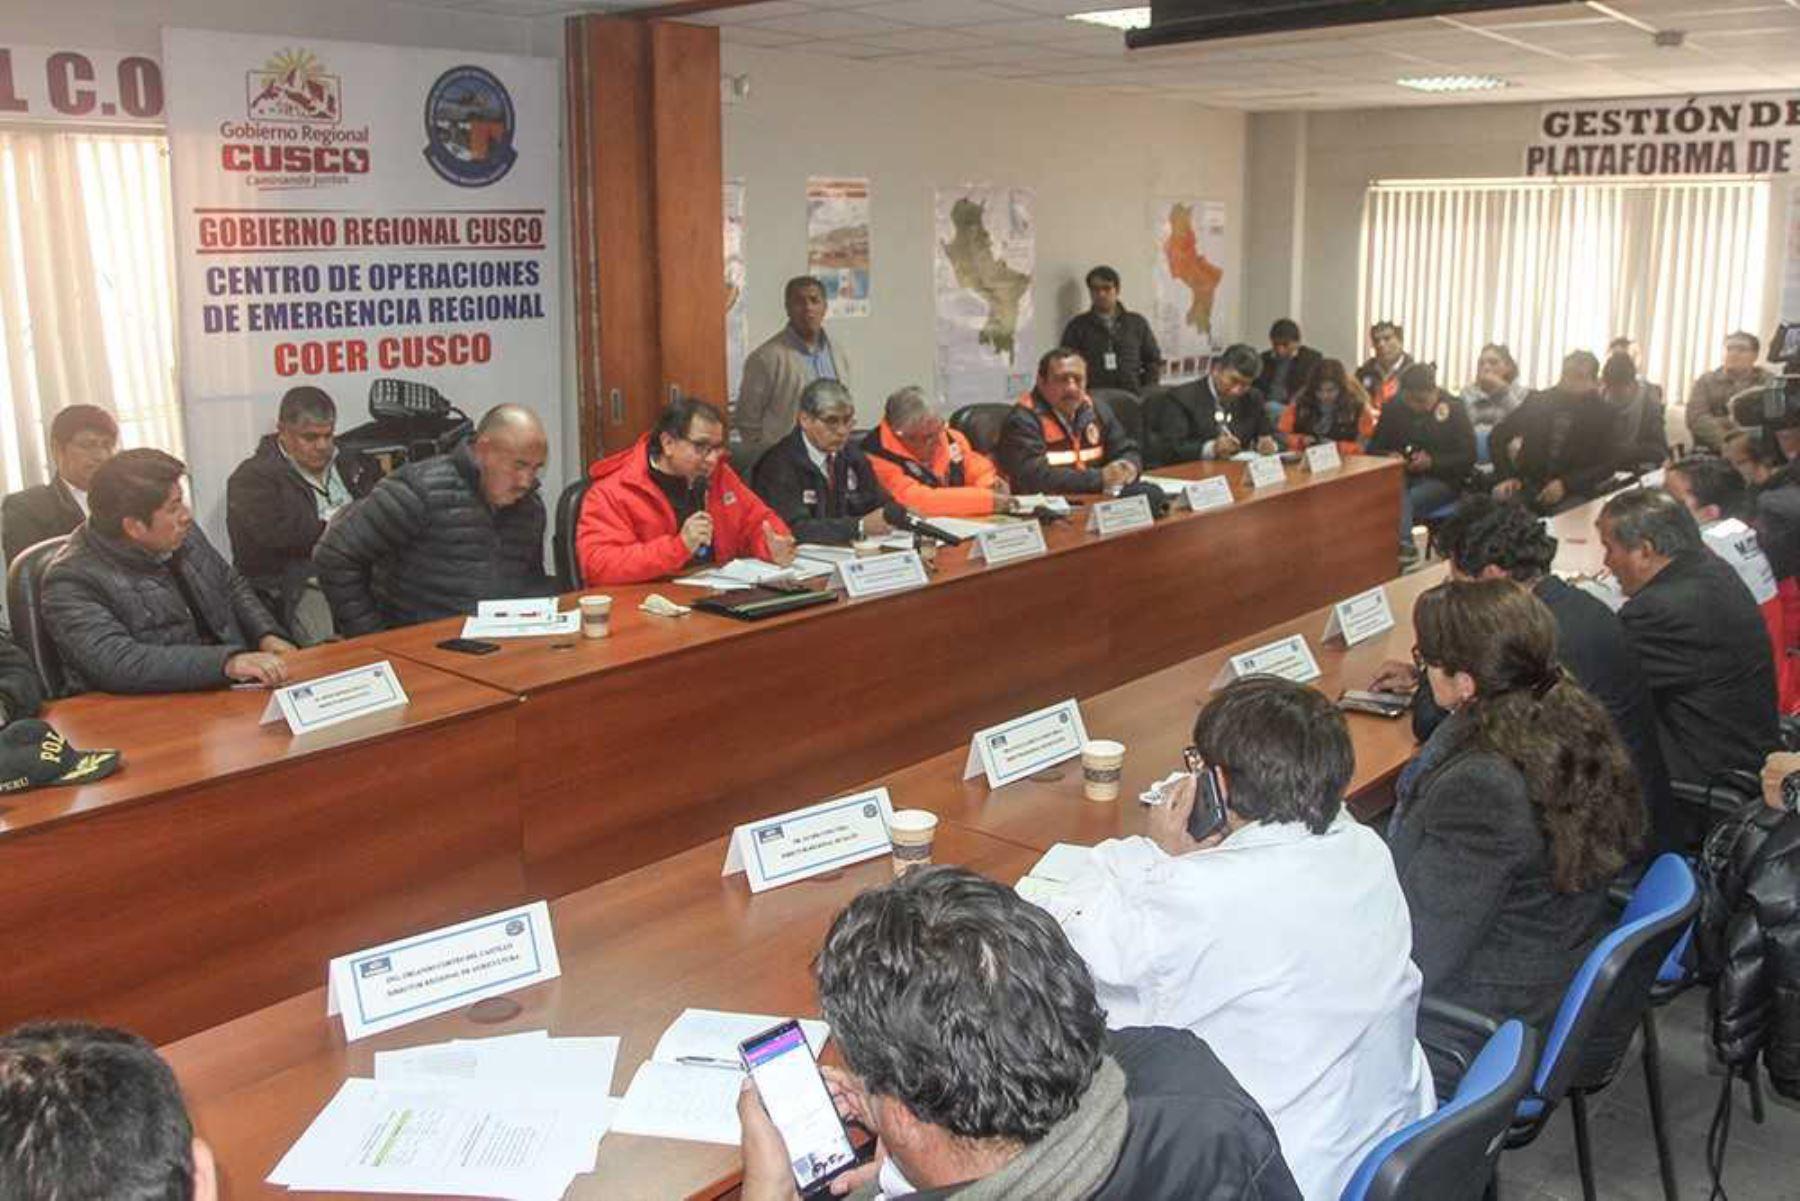 El ministro de Energía y Minas, Francisco Ísmodes, coordinó hoy en la región Cusco la distribución de ayuda humanitaria a las zonas afectadas por heladas en esa región, donde el Ejecutivo completó la entrega de 24,243 frazadas al gobierno regional con la finalidad de abrigar a igual número de personas de 18 distritos.